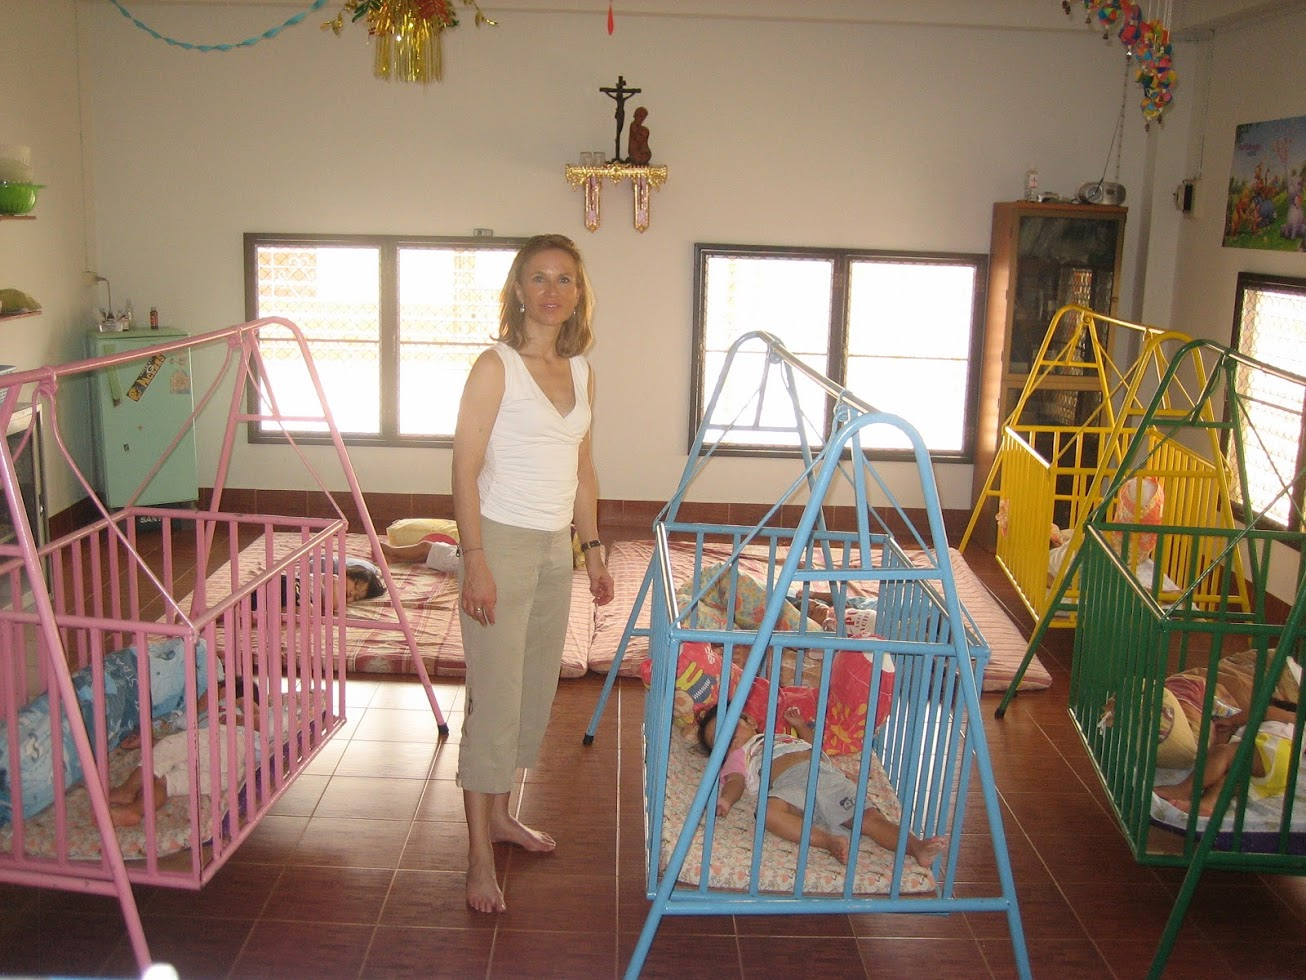 Dortoirs des bébés - Sarnelli orphanage  - Nong Khai fév. 09